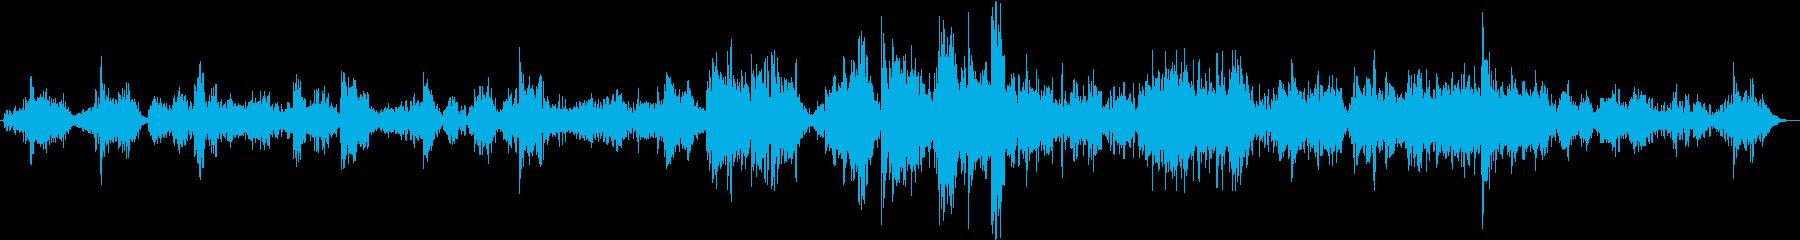 日本的なメロデーのバラードの再生済みの波形